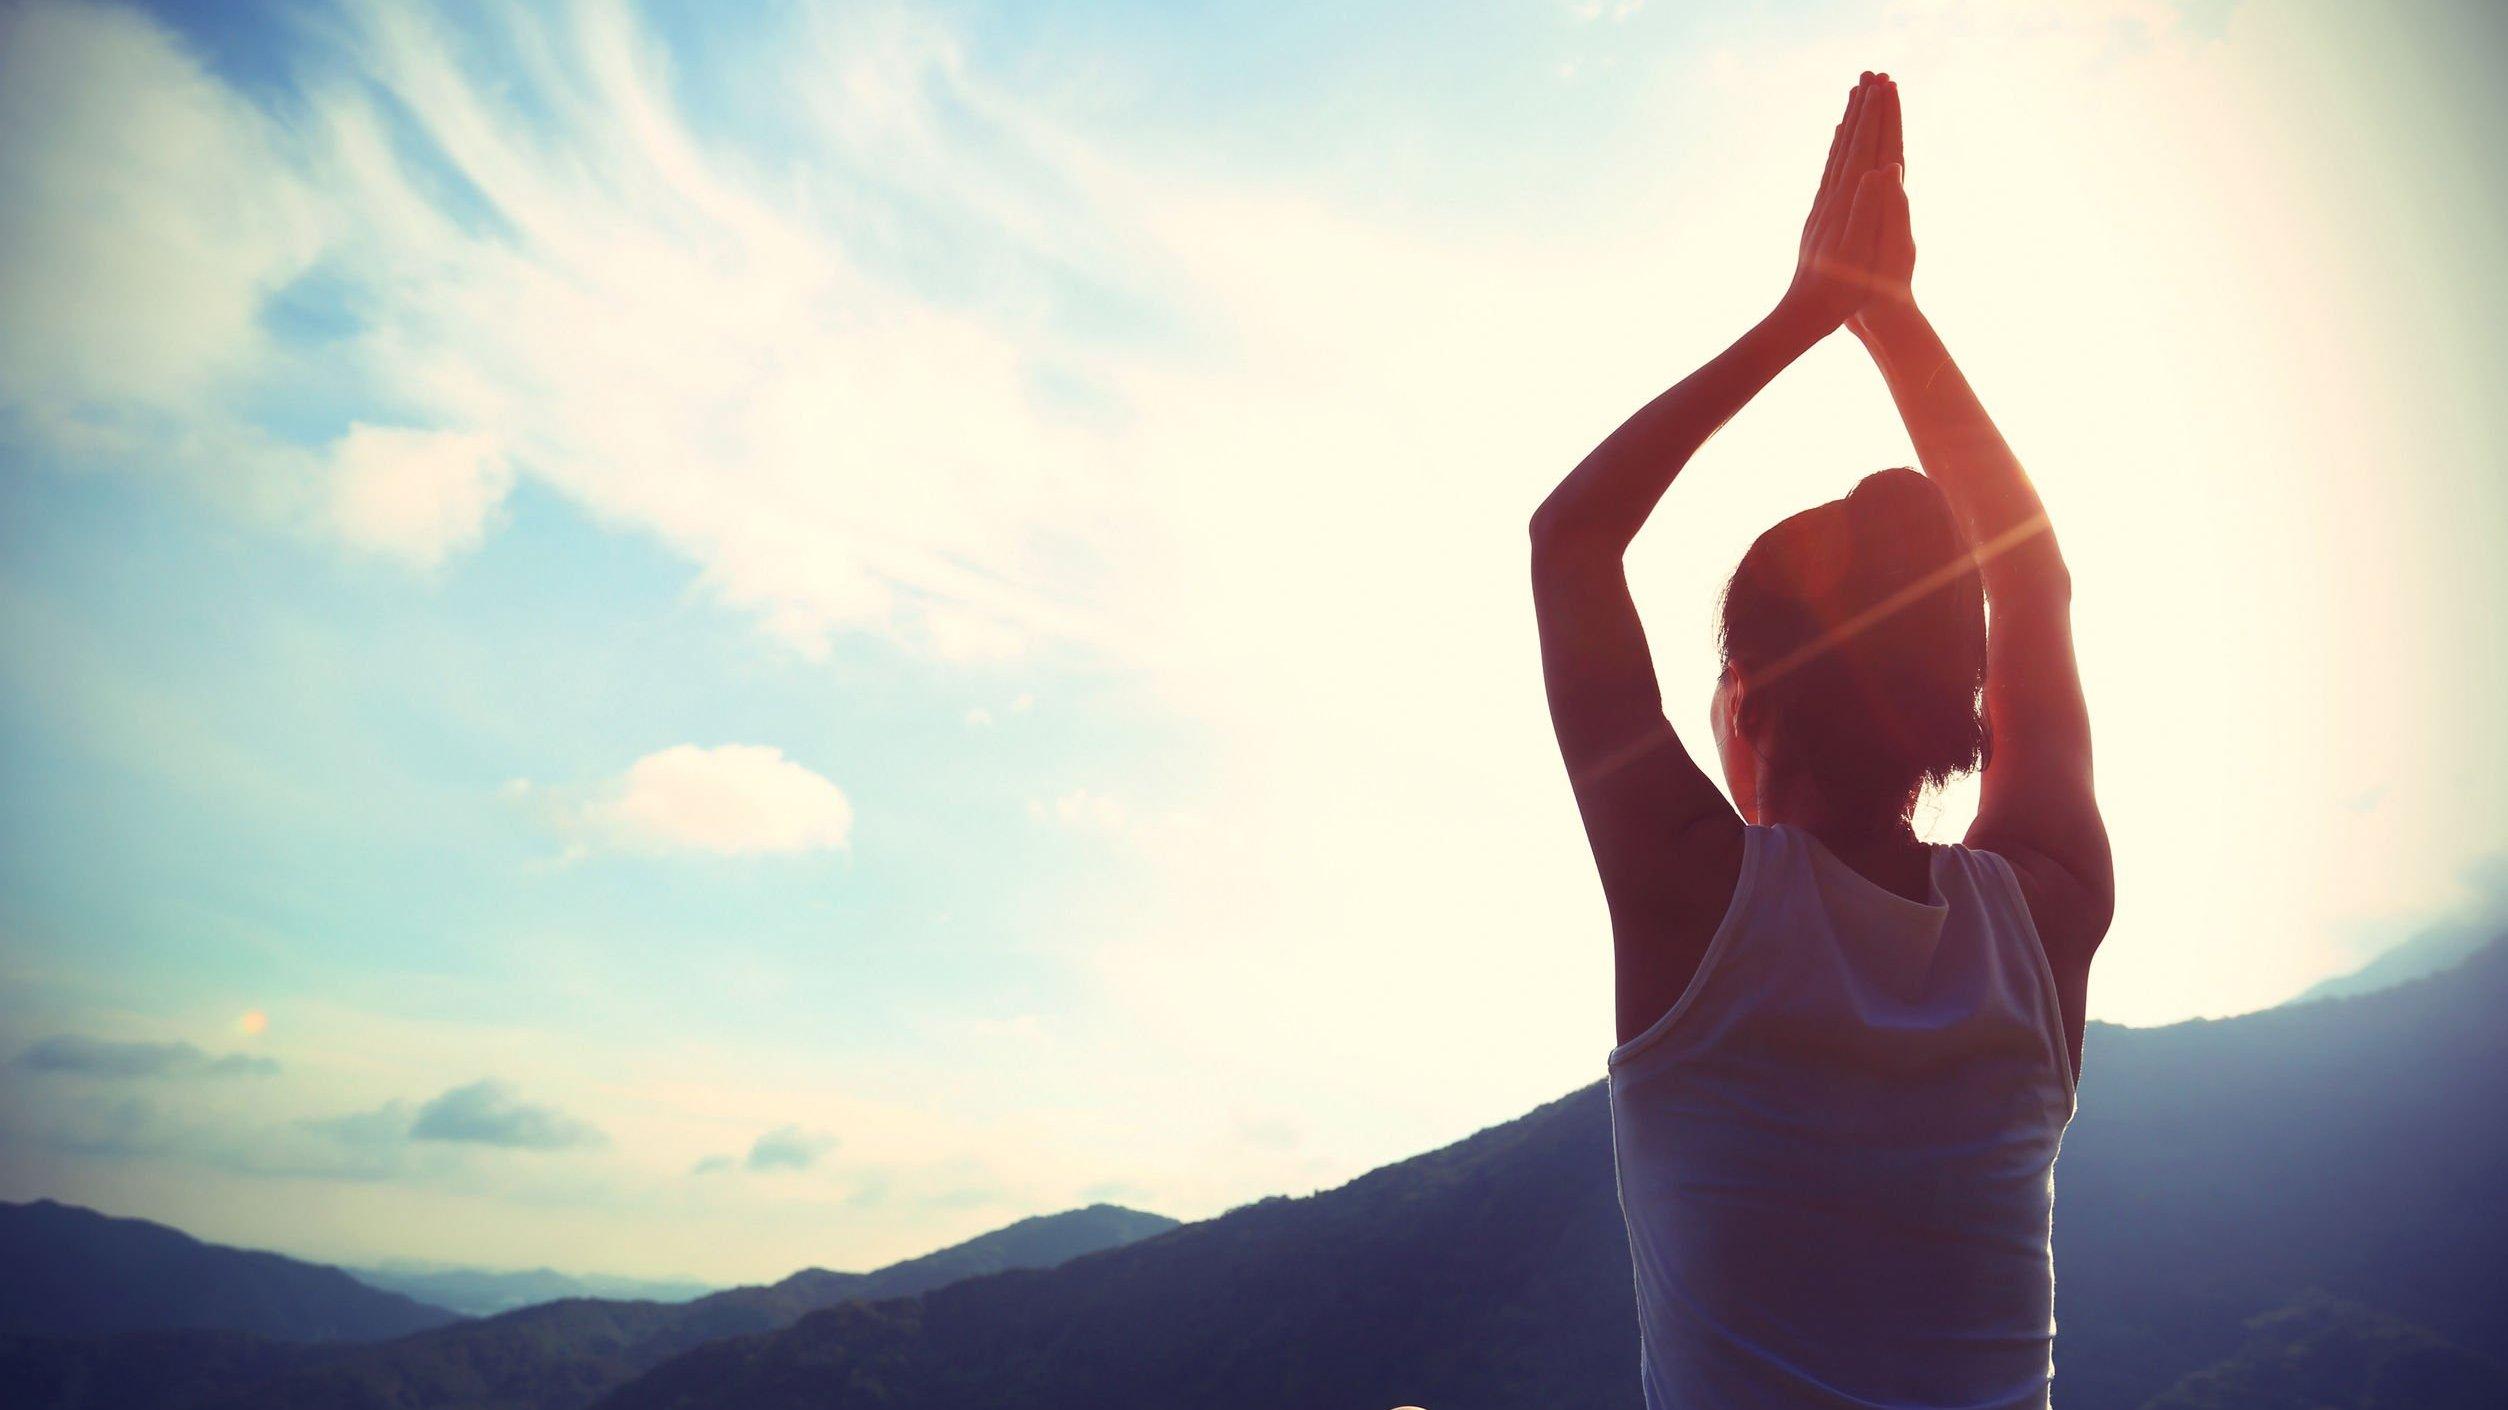 Mulher de costas com braços para o alto e mãos unidas no alto e céu azul ao fundo